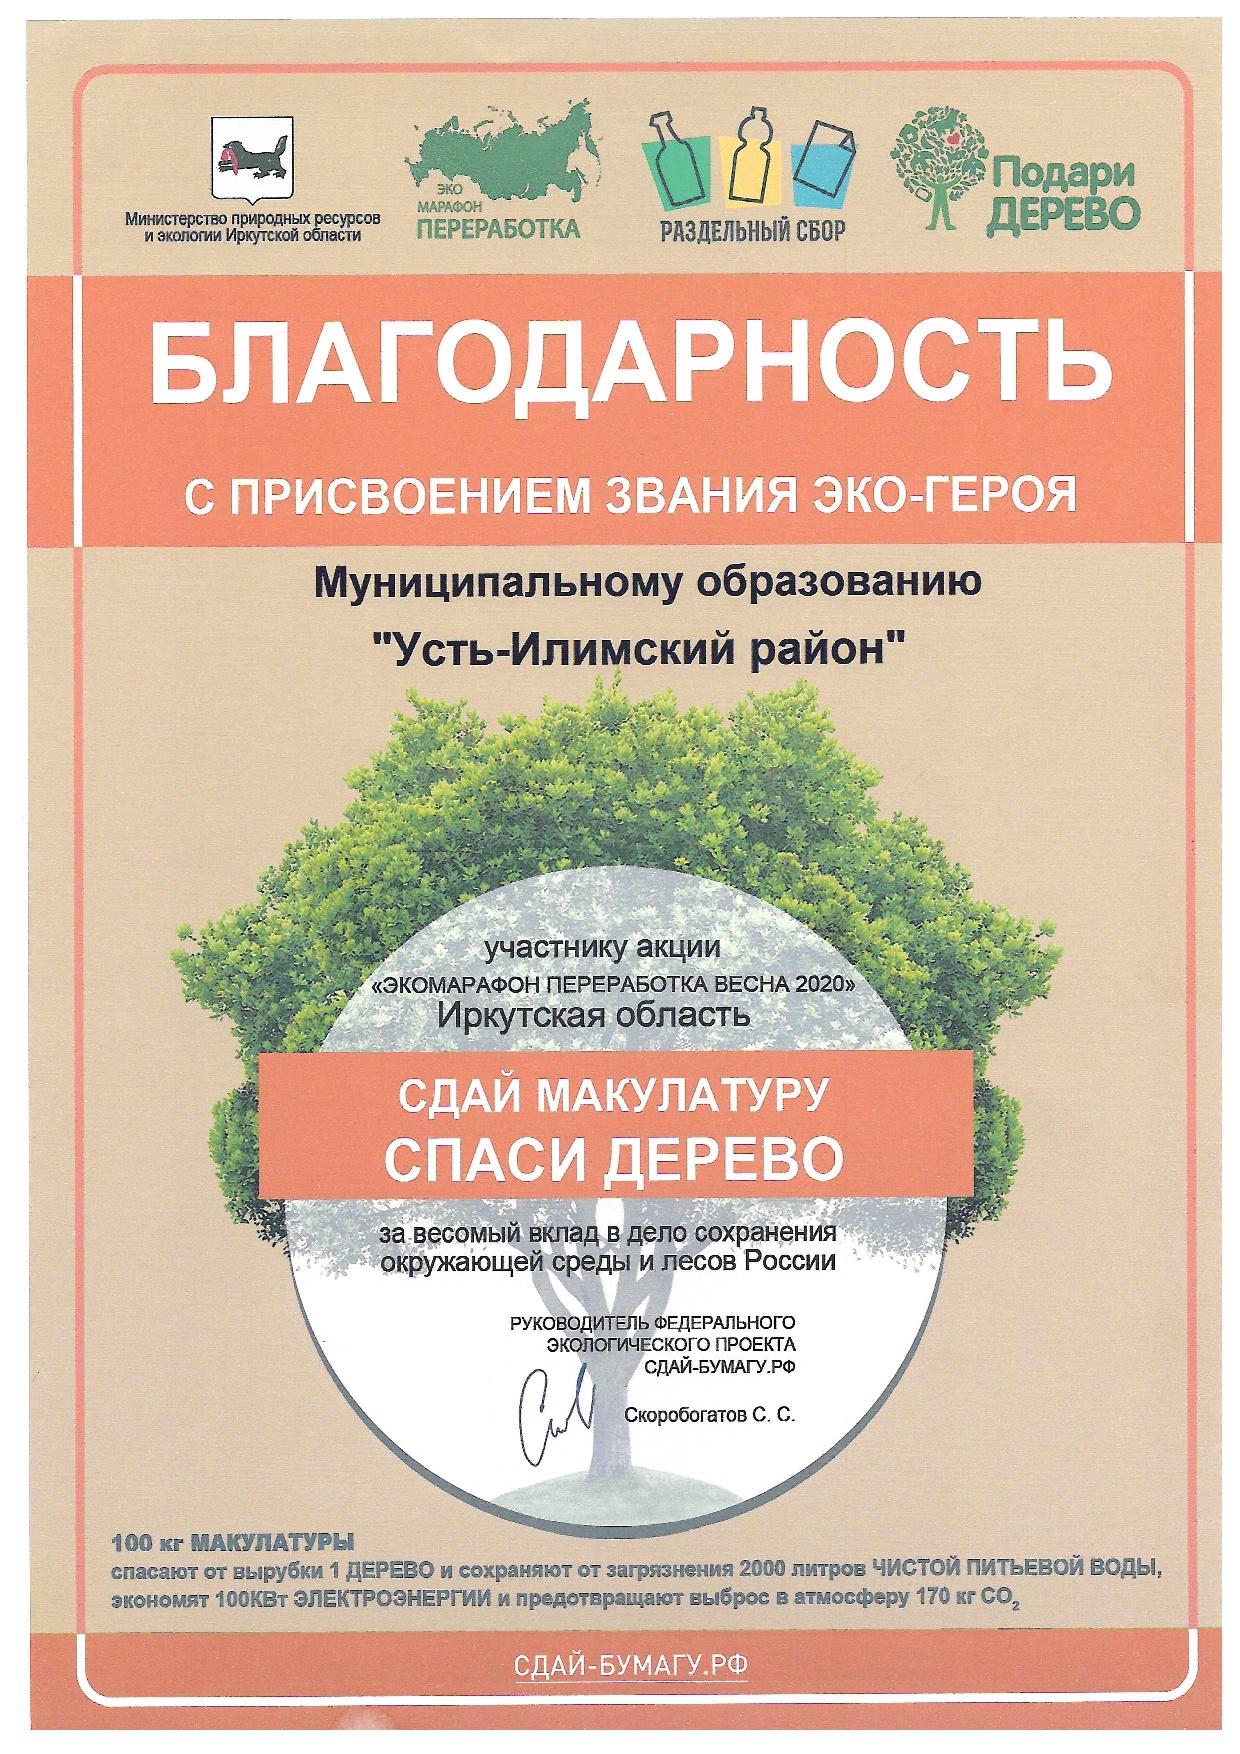 «Усть-Илимский район – «эко-герой»!.